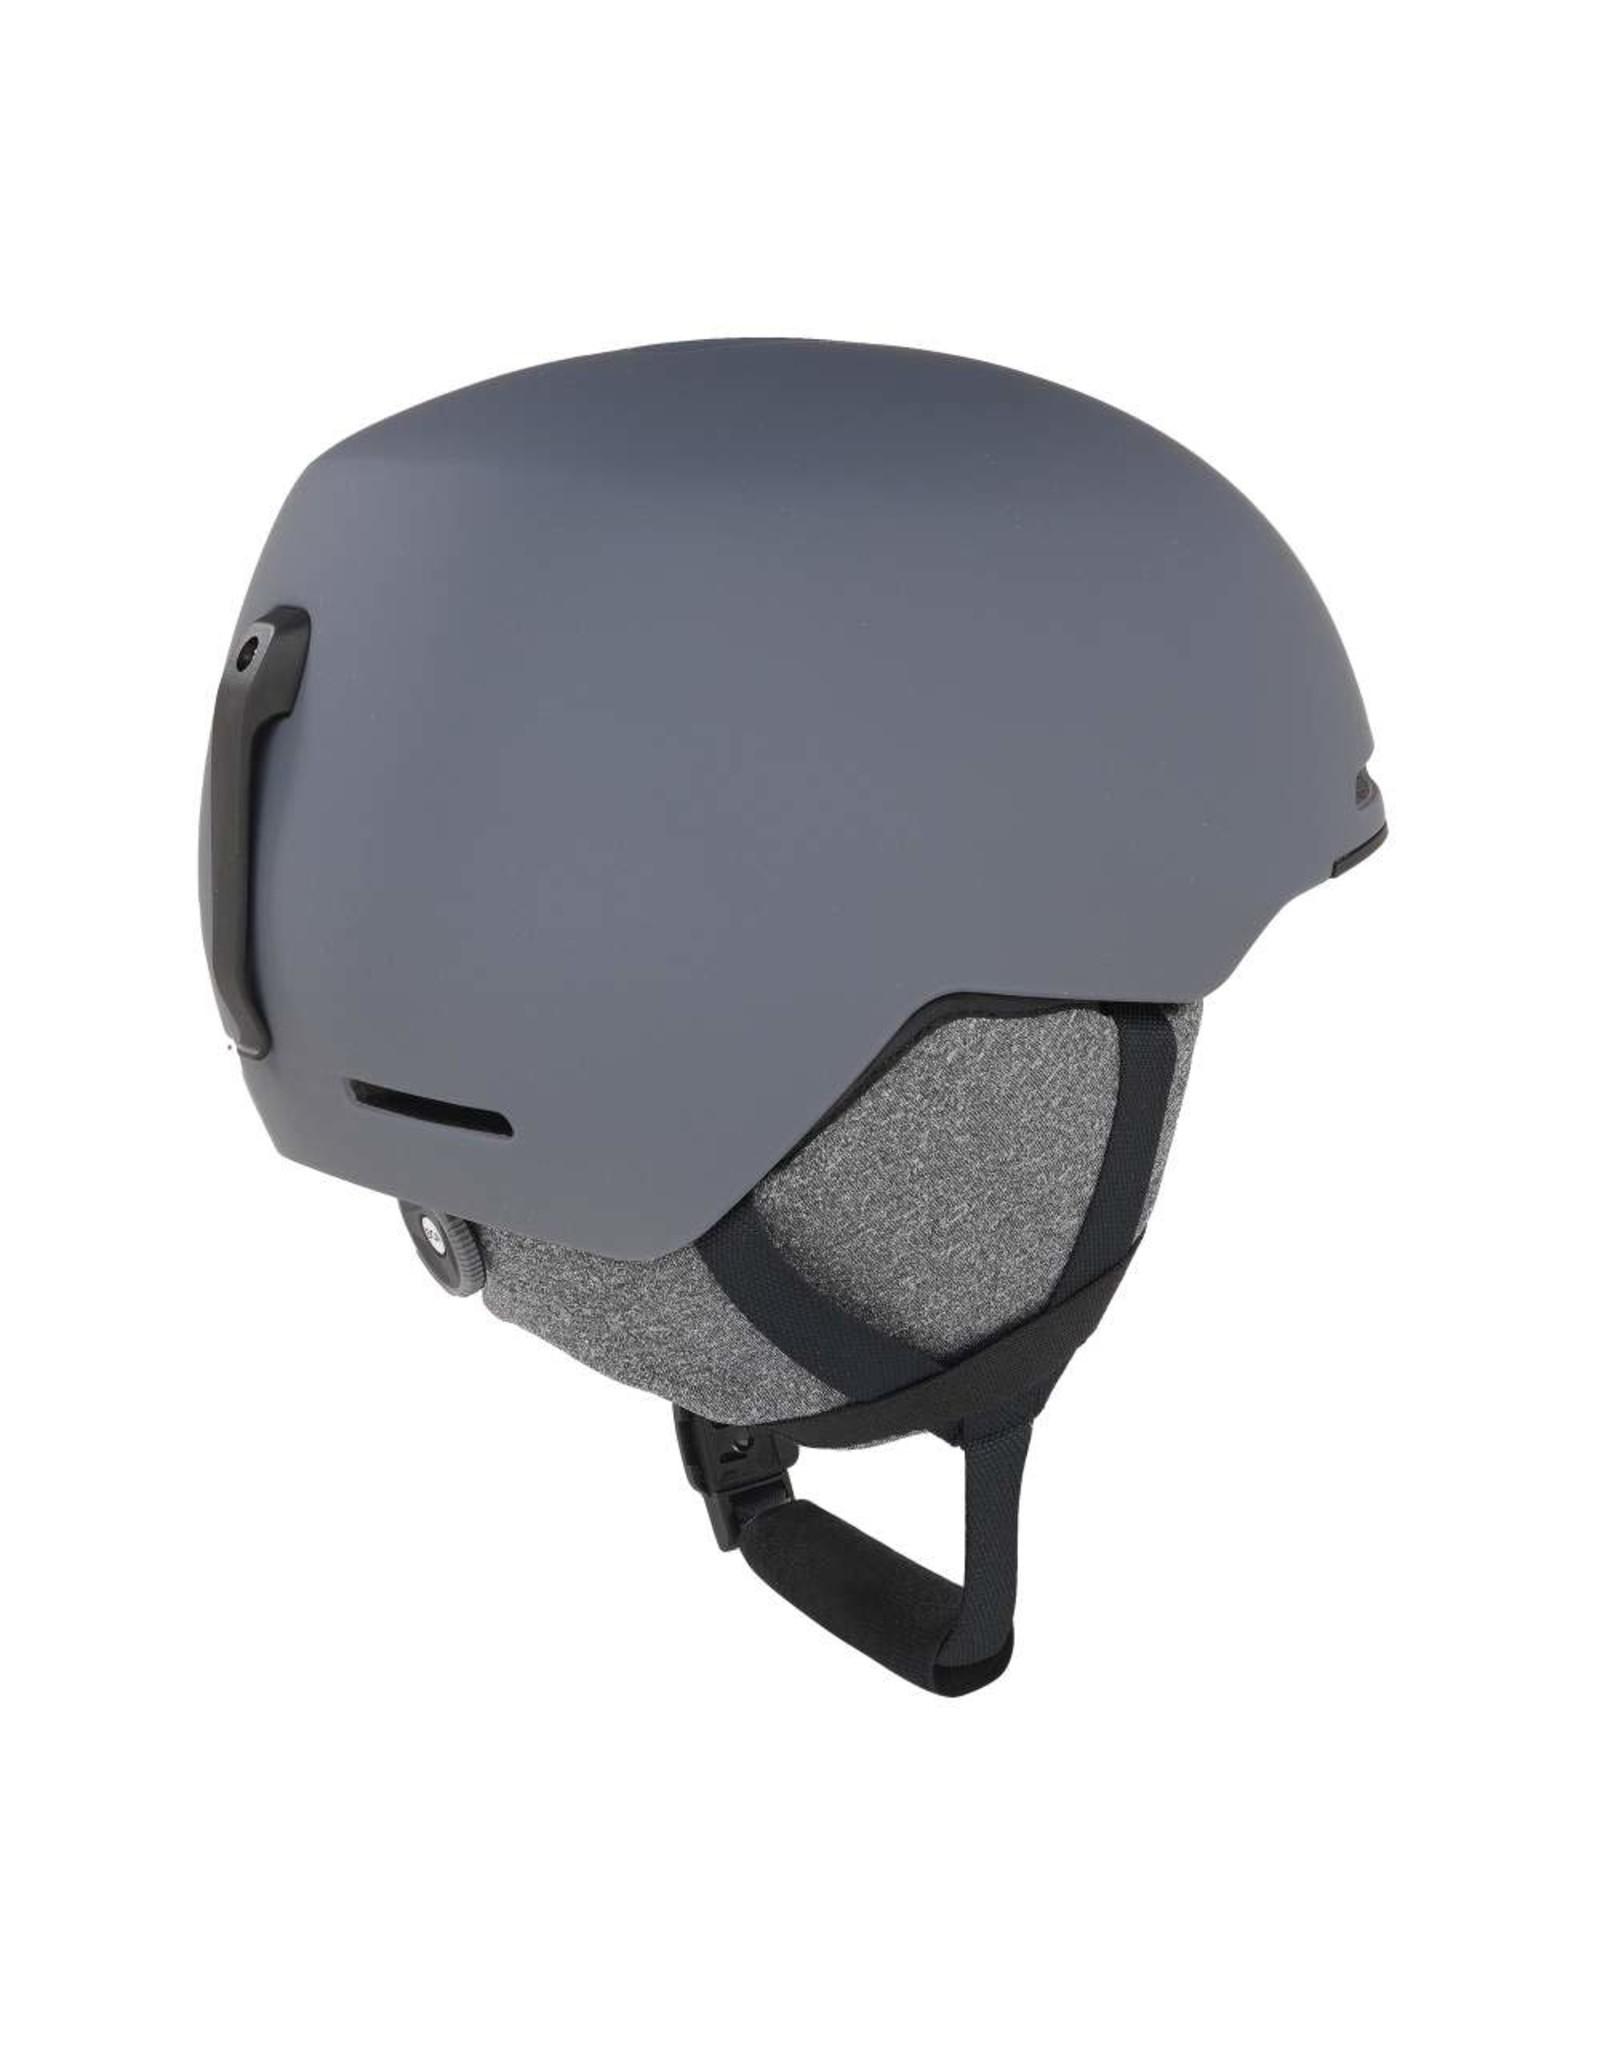 OAKLEY Oakley MOD1 ski helmet Forged iron